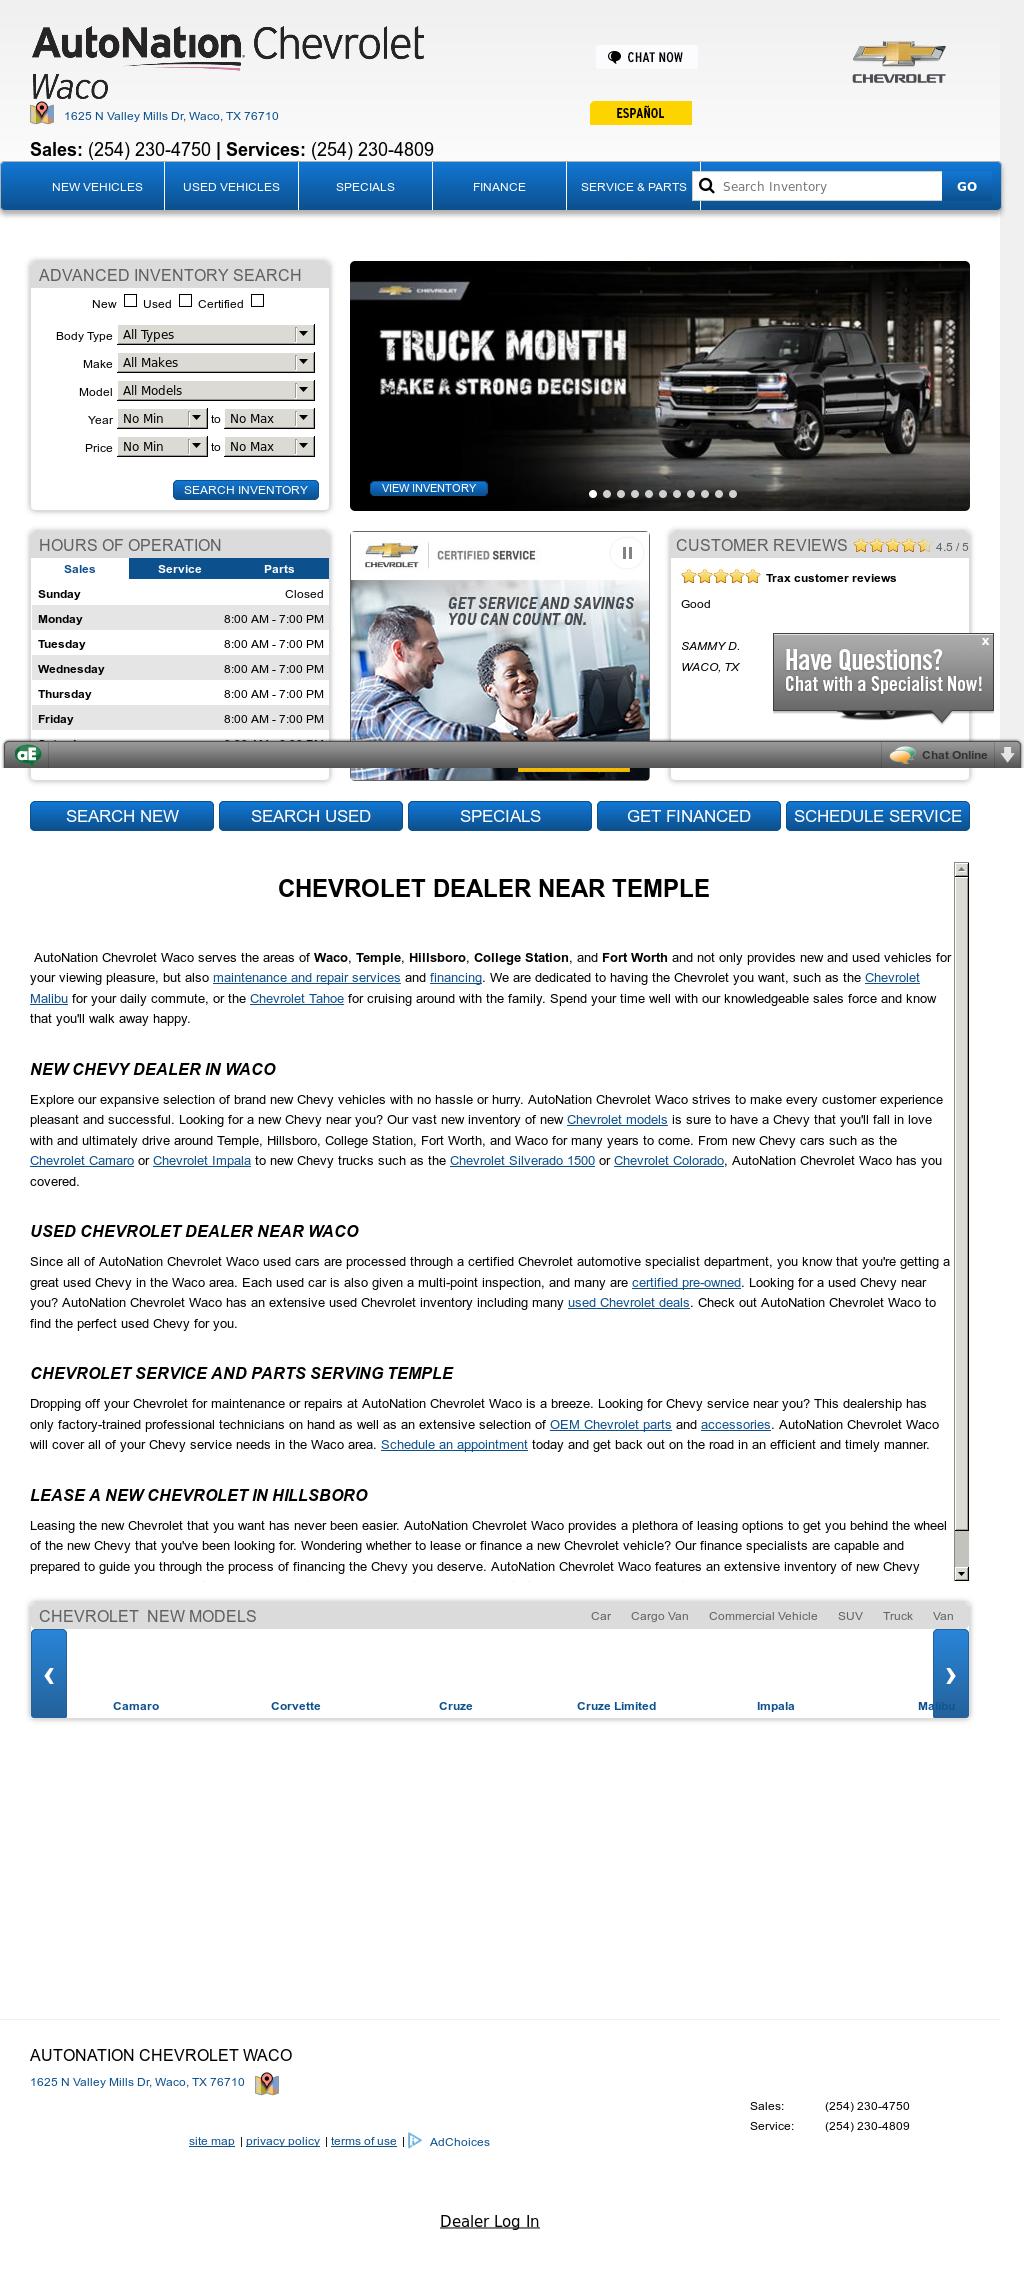 Allen Samuels Waco Chevrolet Website History